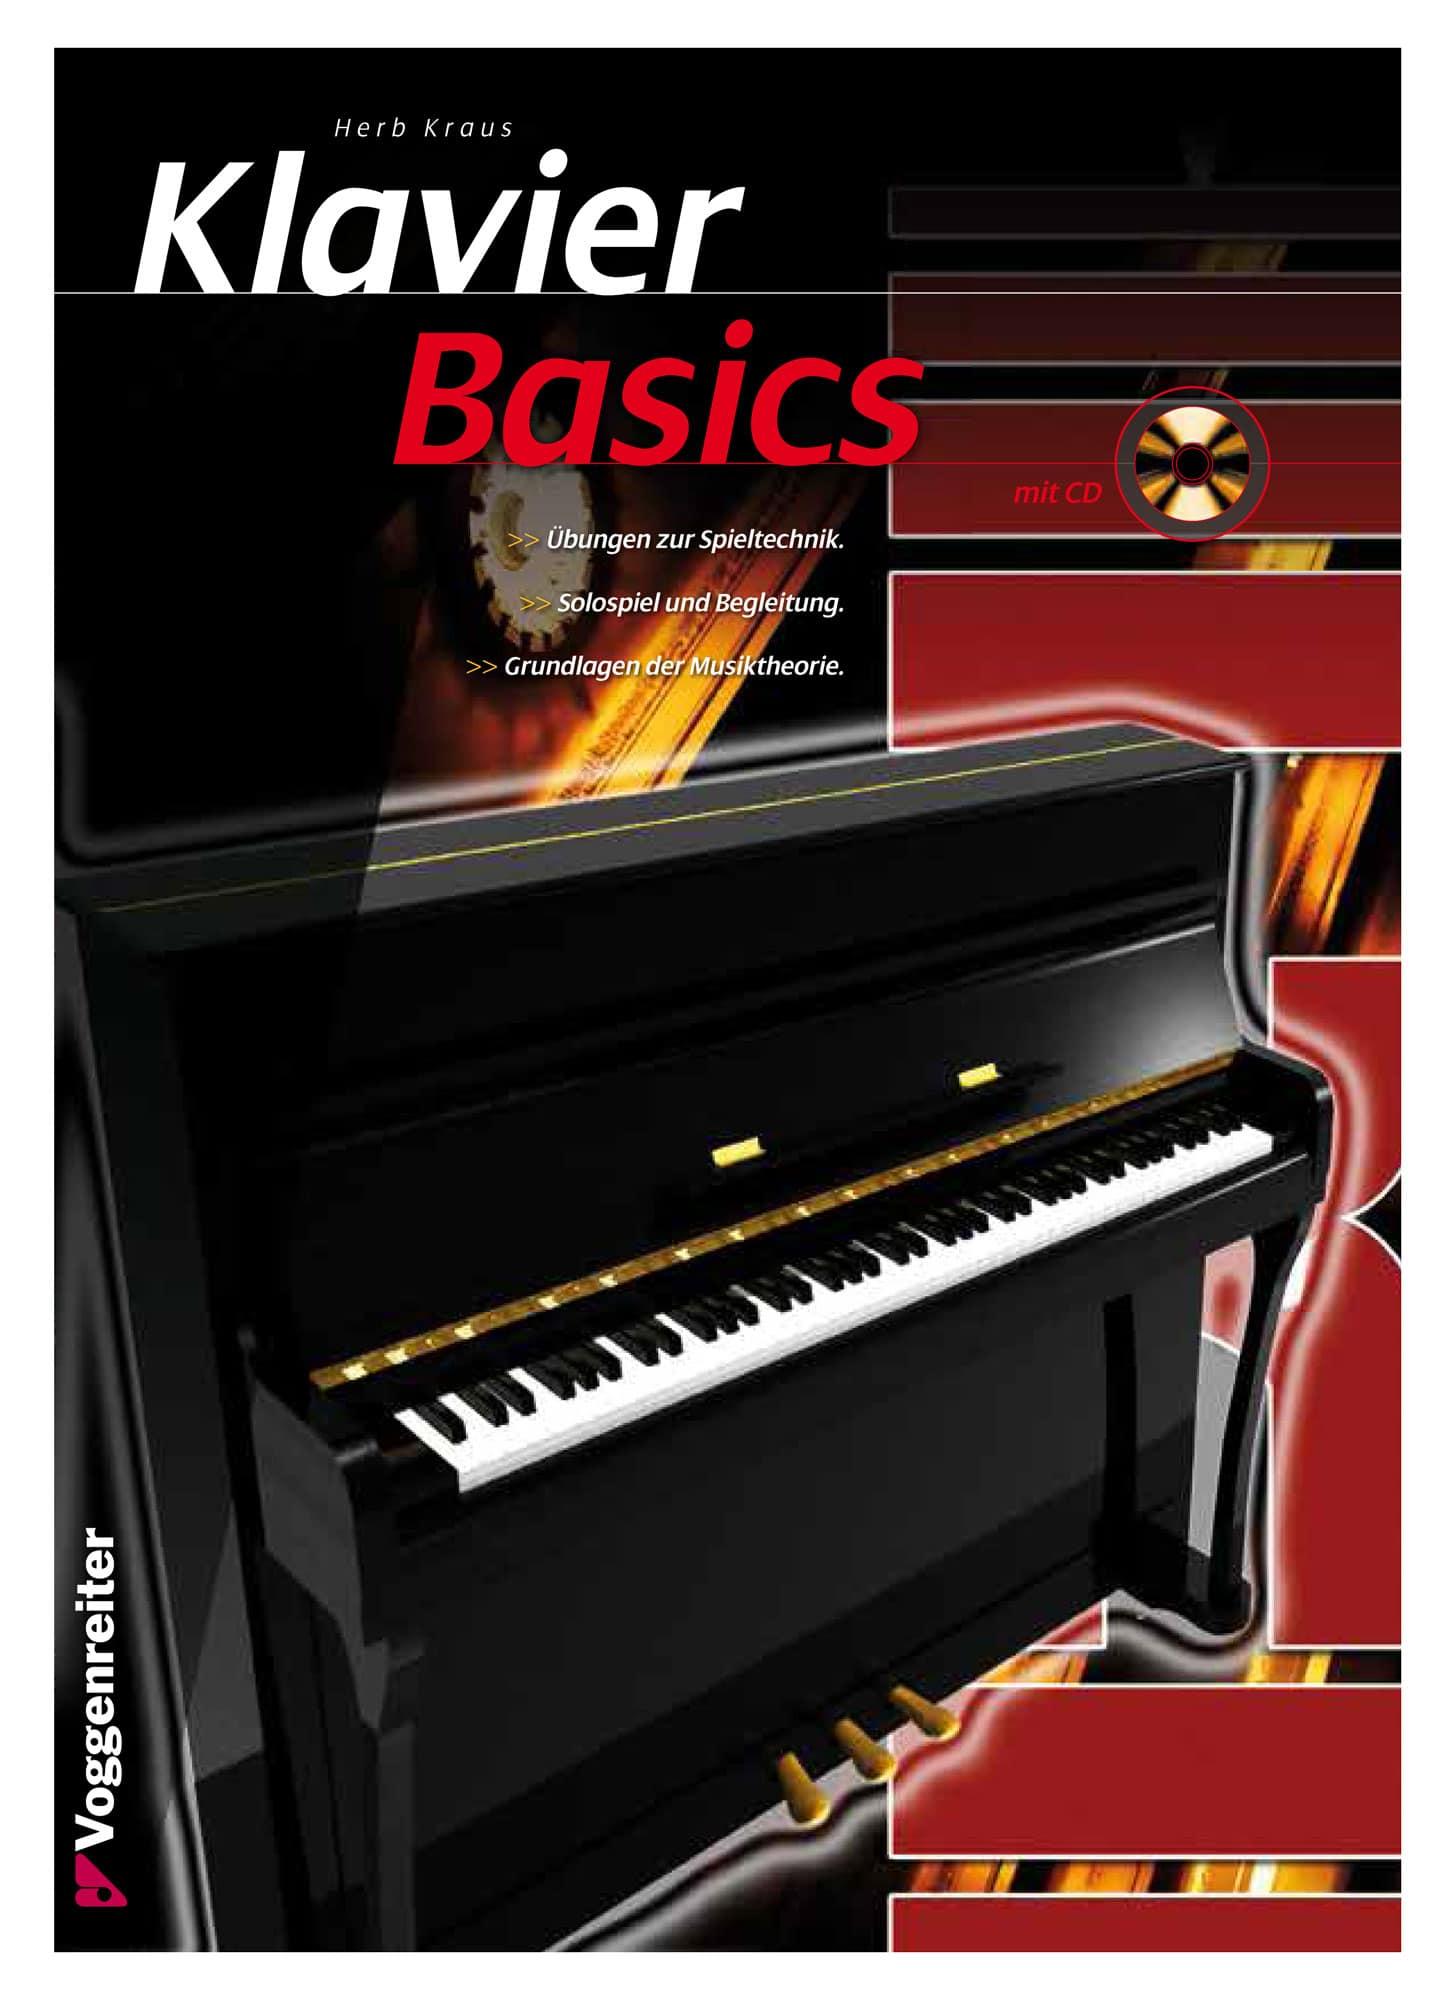 Klavier Basics CD